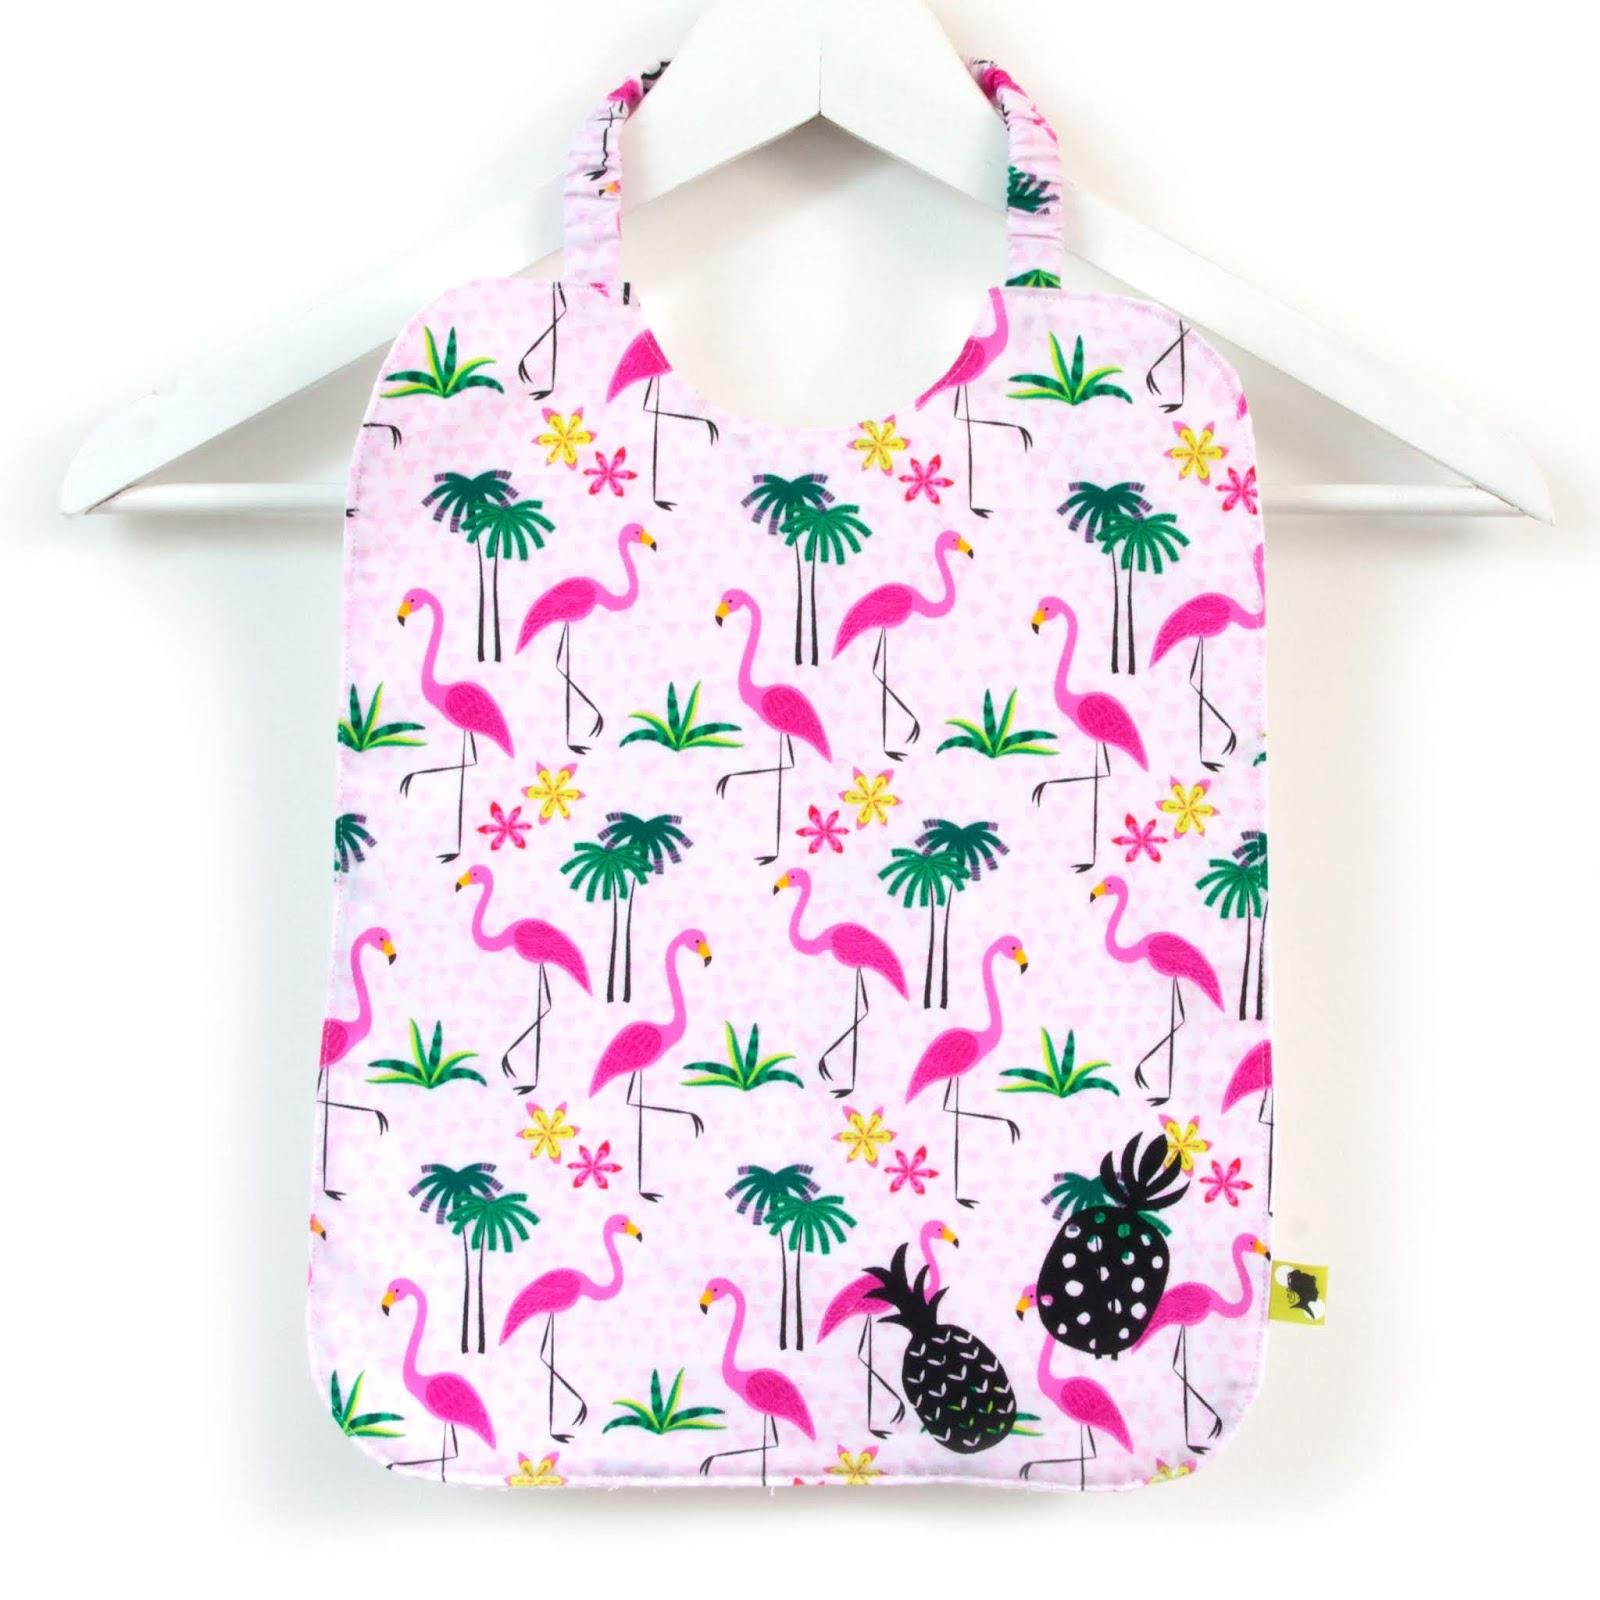 Serviette de table cantine, fait main, spéciale maternelle, à élastique, tissu flamants roses, motif ananas, doublée, de 8 mois à 5-6 ans